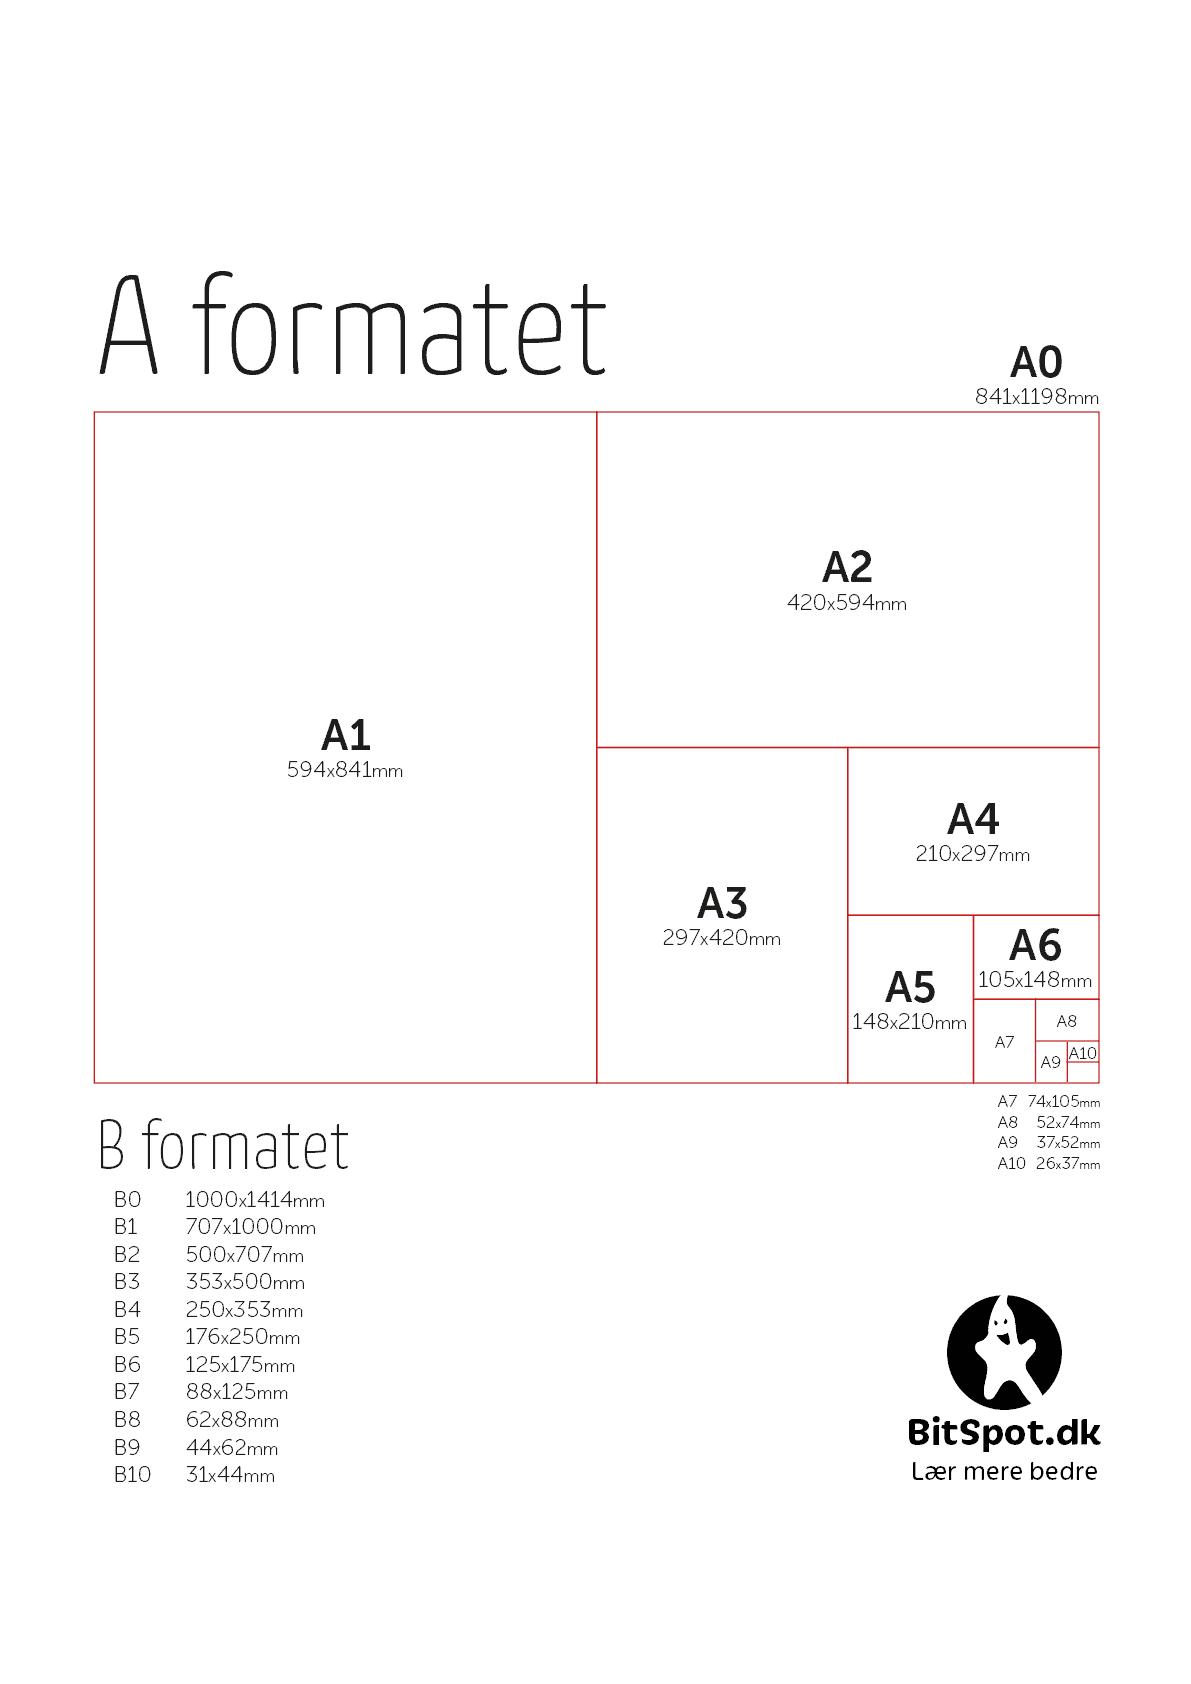 A format og B format